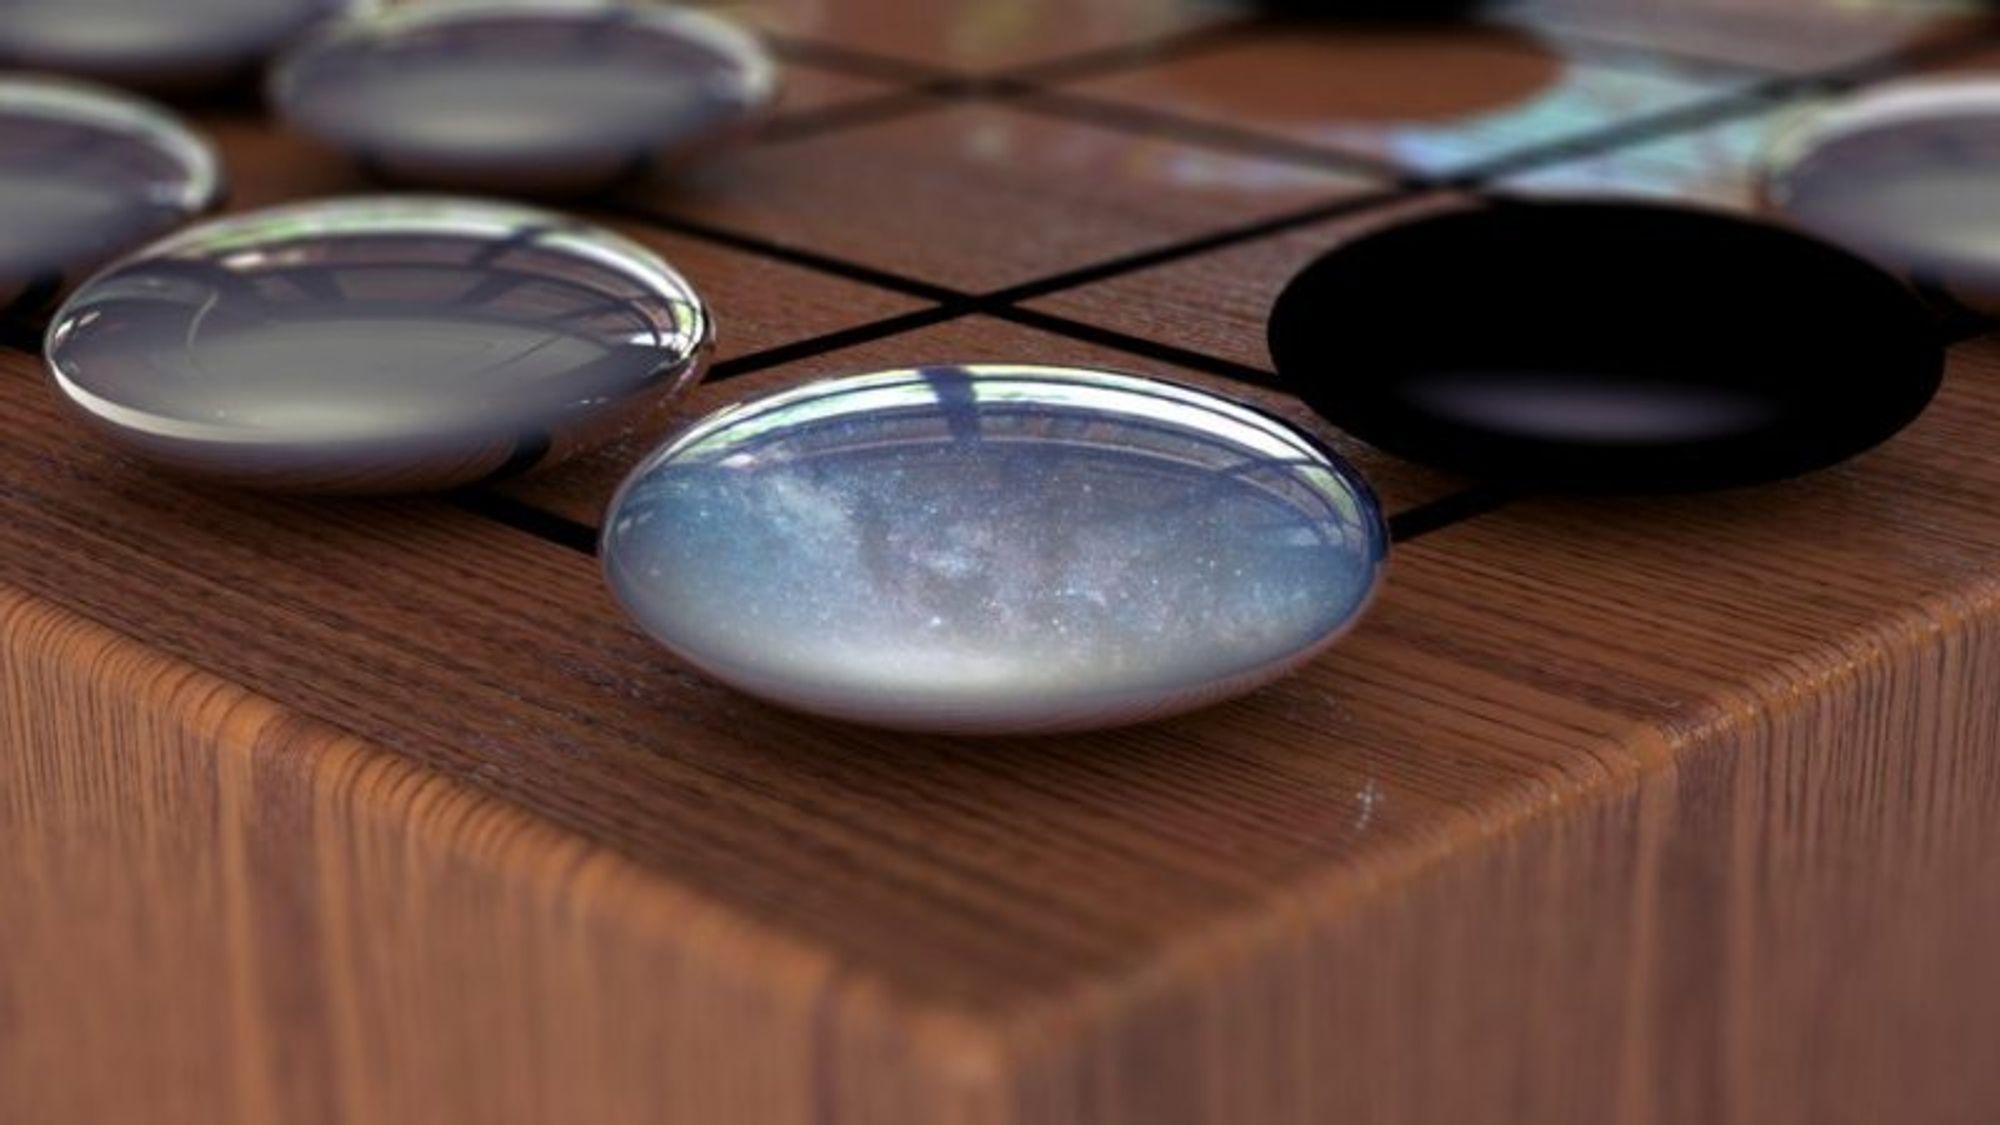 Brettspillet Go har 10^170 mulige kombinasjoner. Den nye versjonen av AlphaGo har lært seg selv spillet uten noen som helst form for menneskelig hjelp, og er nå udiskutabelt verdens beste Go-spiller.